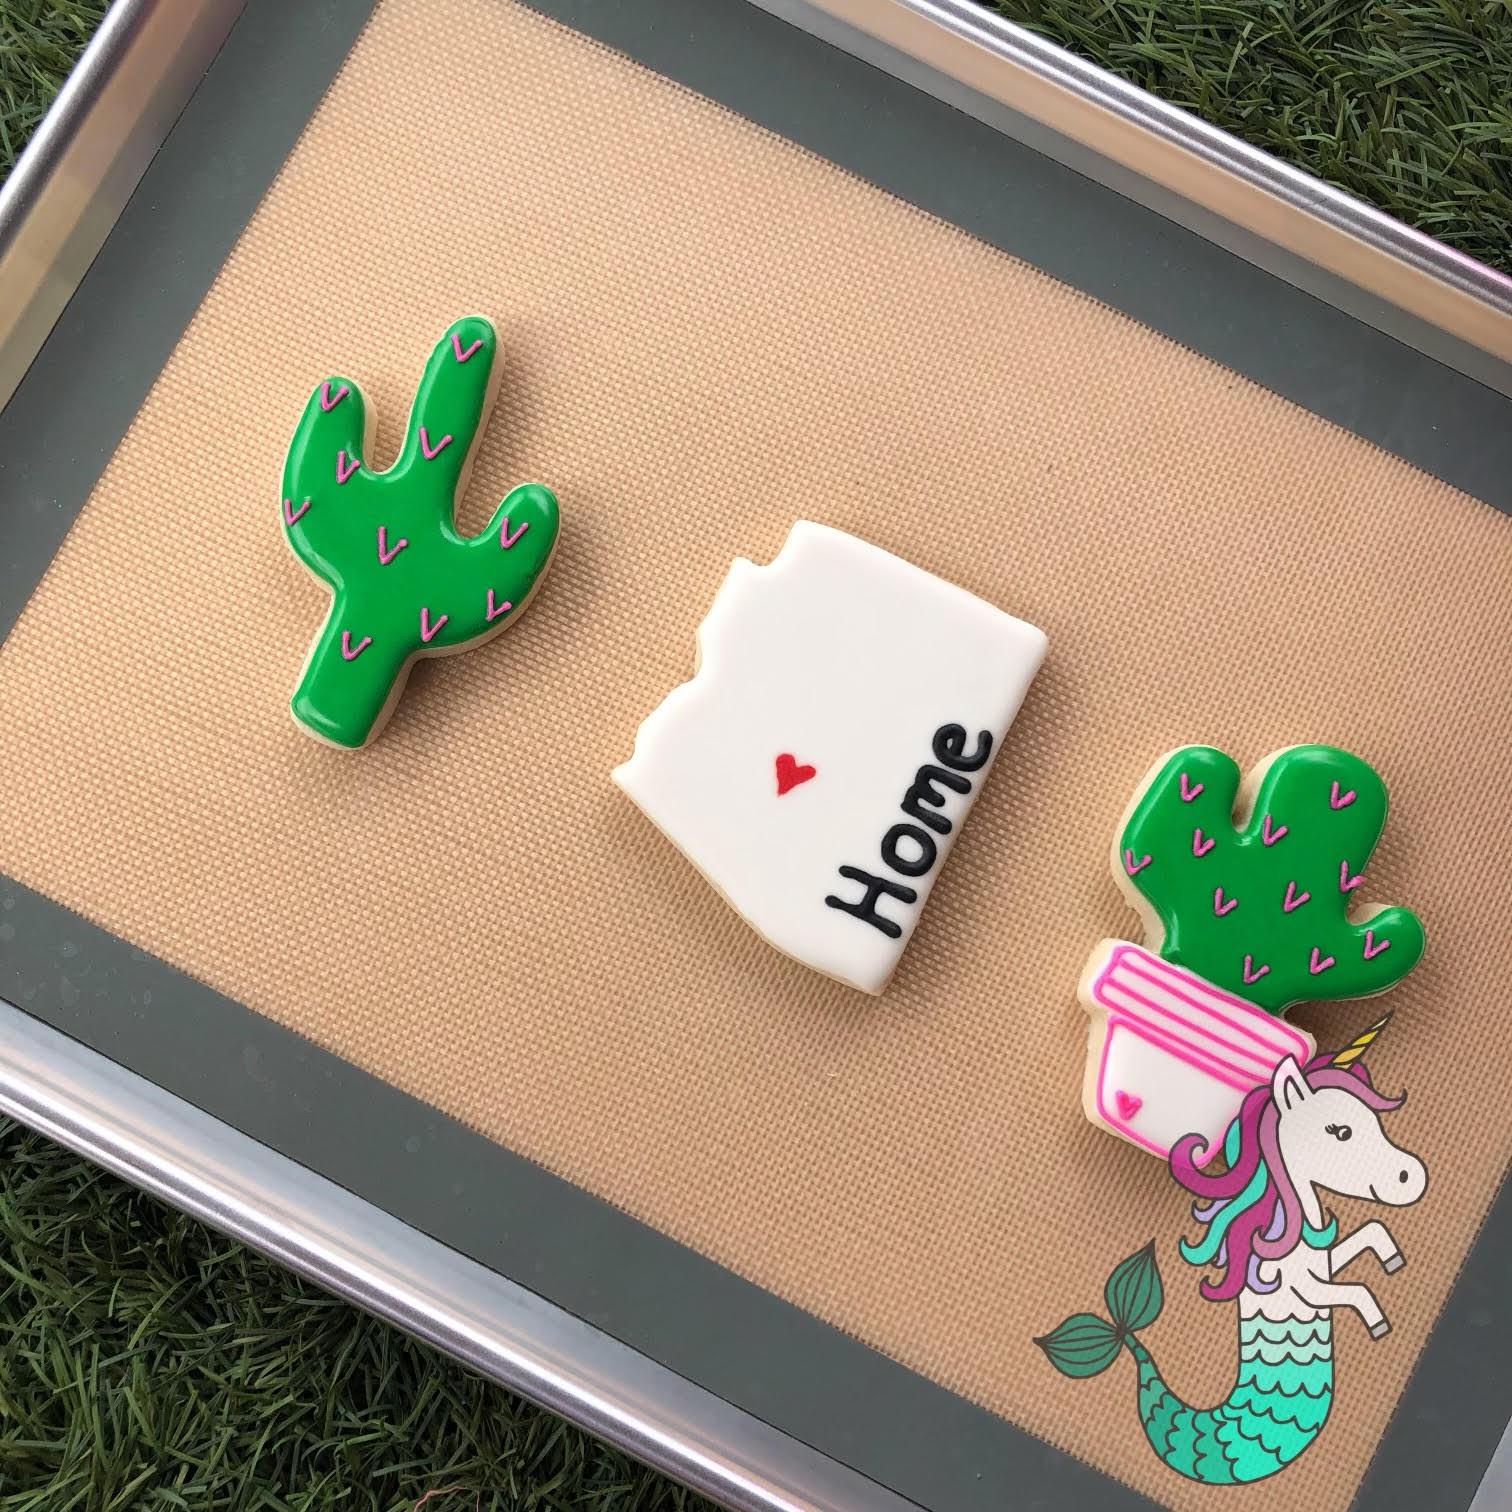 Cactus Cookies with Bazaar Breezy 8/14